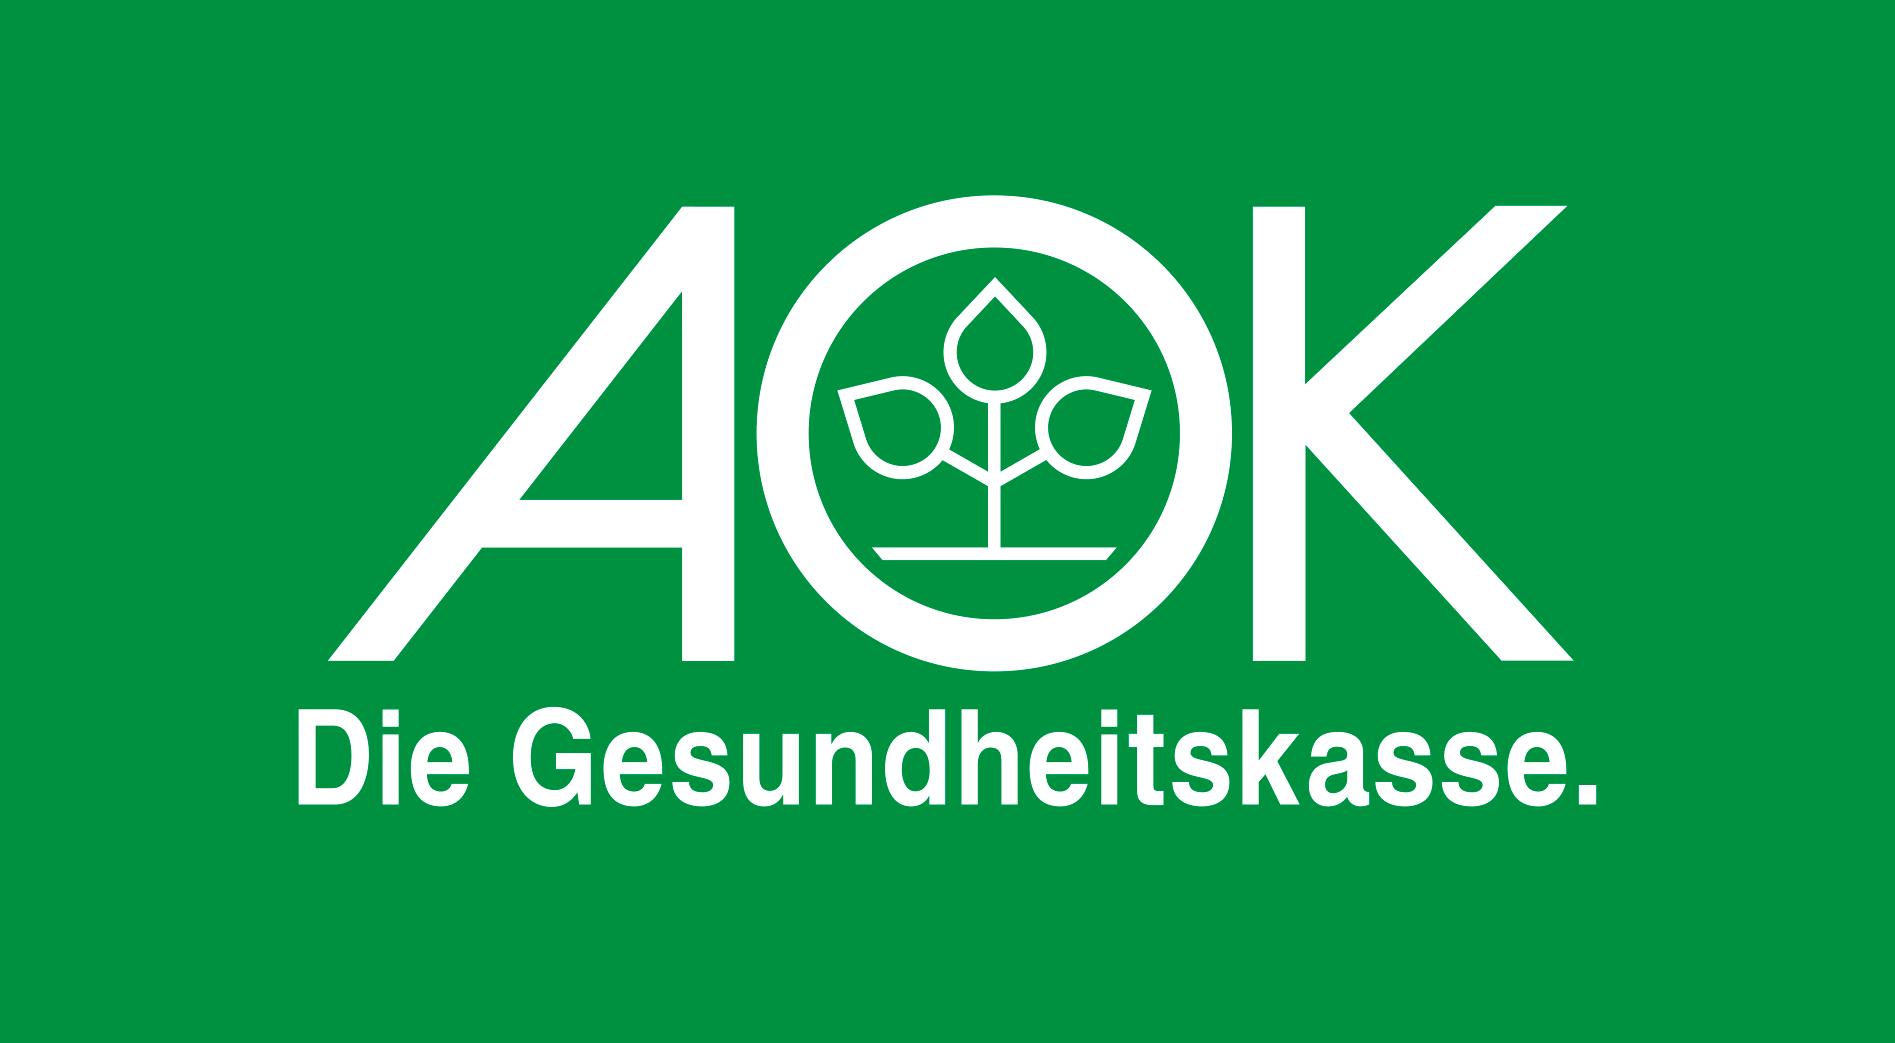 AOK - Die Gesundheitskasse Heilbronn-Franken